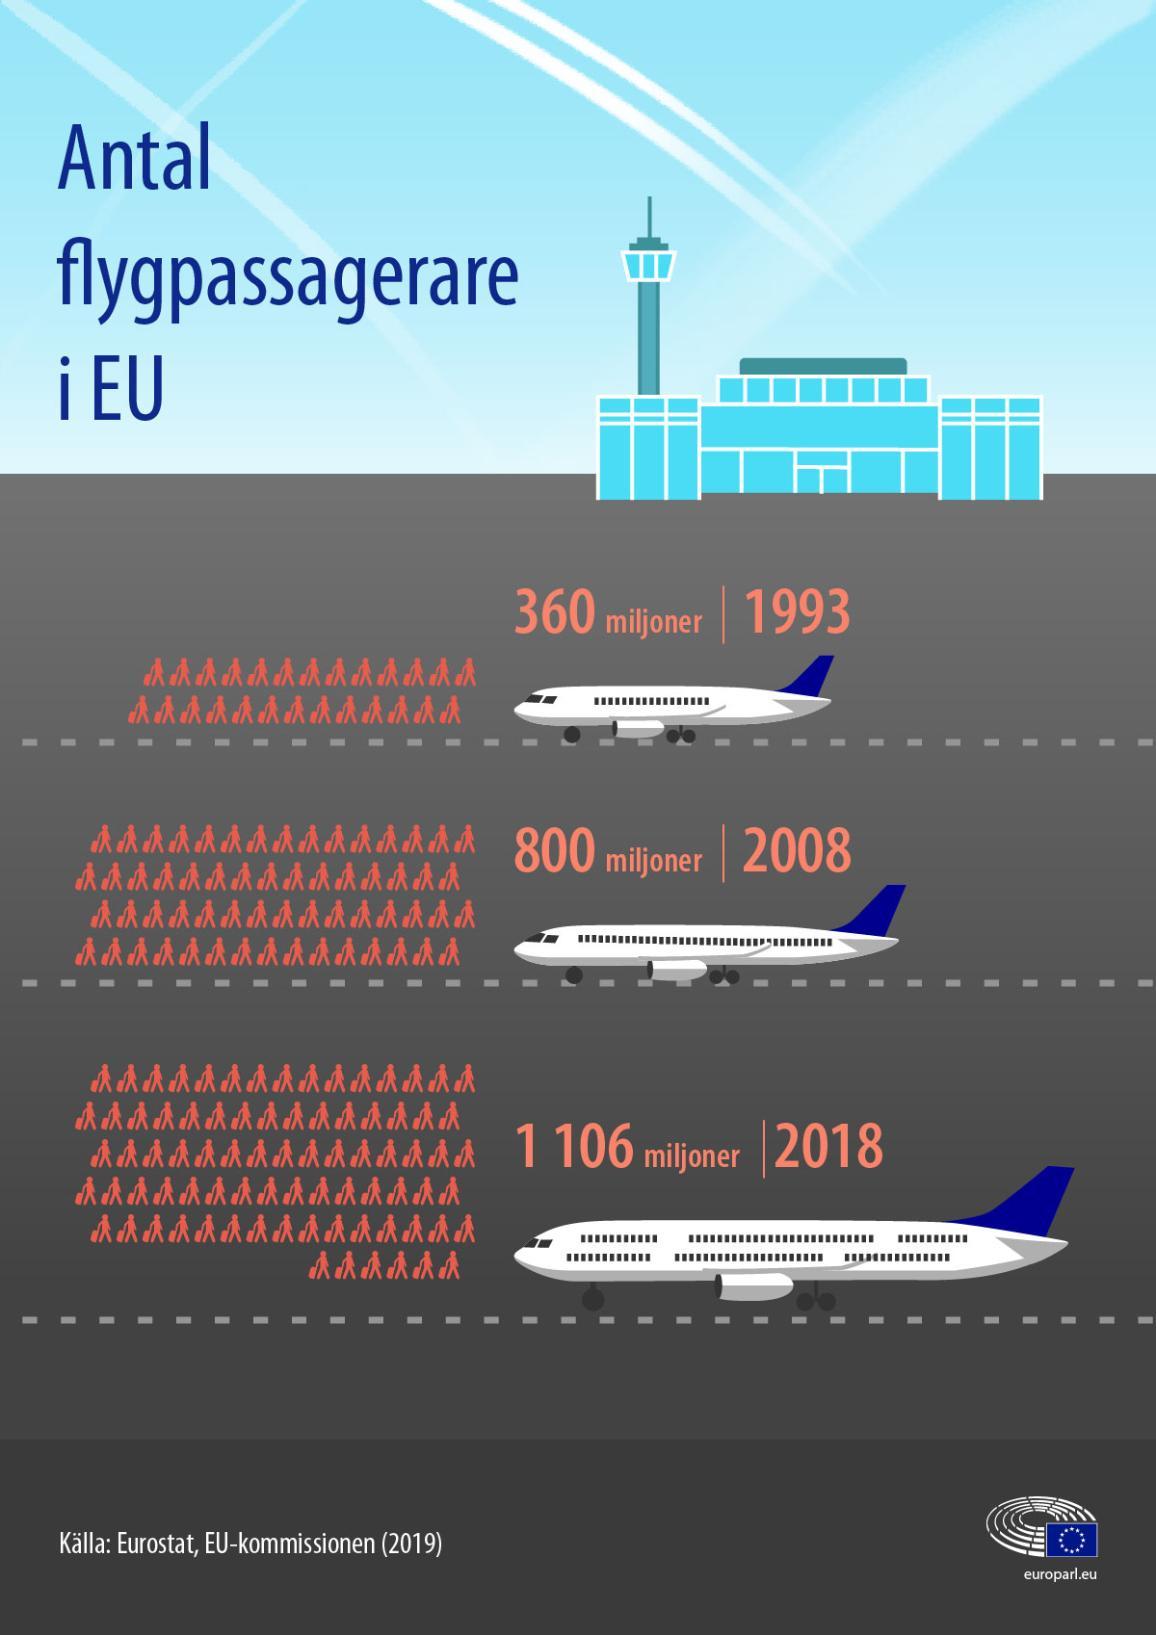 Nyhetsgrafik om utvecklingen av antalet flygpassagerare inom EU.